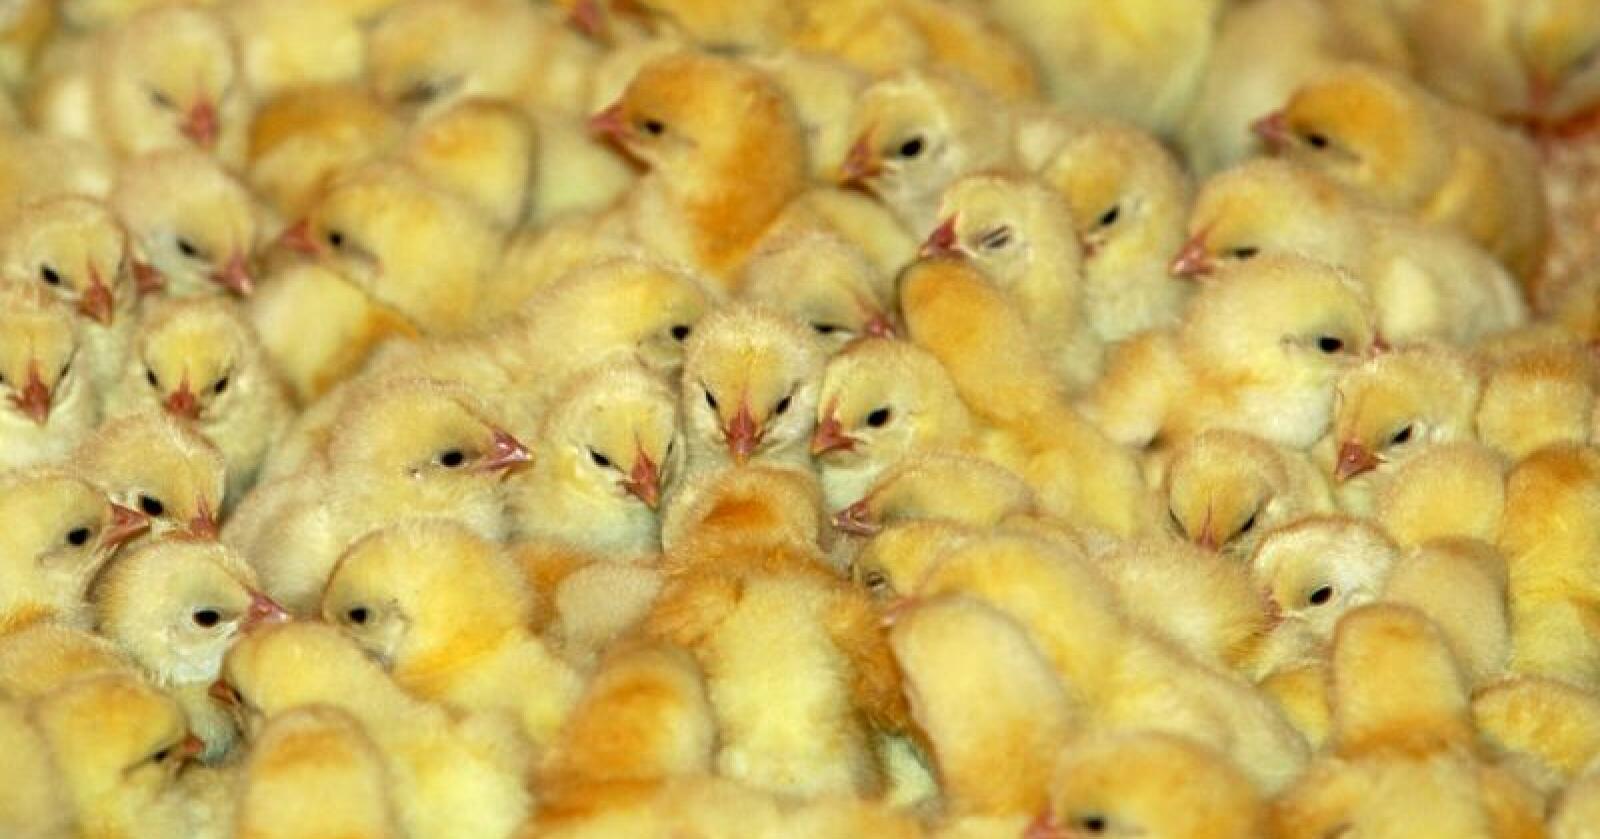 Grønn Ungdom mener at kun ikke-industrielt og økologisk kyllinghold med svært små besetninger og høye velferdskrav bør tillates. Illustrasjonsfoto: Berit Roald / NTB scanpix